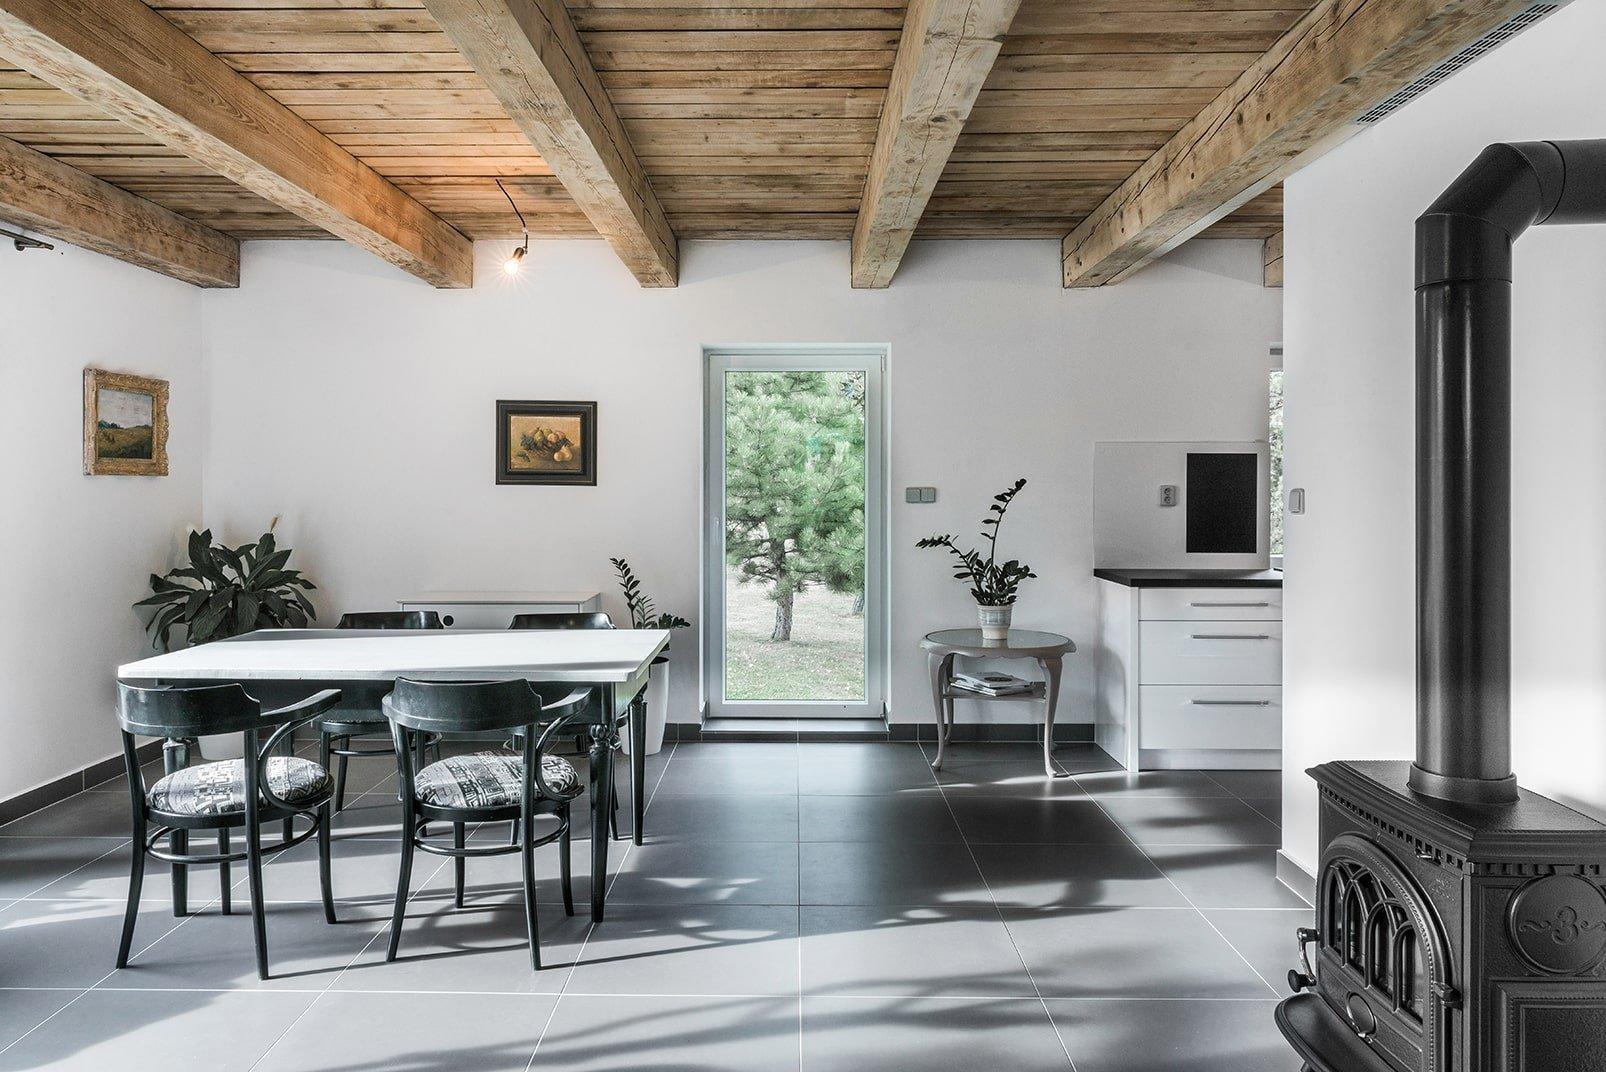 Dnes vám přinášíme realizaci, která je úplným opakem moderních betonových staveb a chladných kombinací materiálů. Architekt Michael Karnet navrhl domek s jasnými tradičními rysy, které zapadnou do prostředí českého Orlova u Příbrami. Nová stavba musela být v souladu s domem, který na stejném pozemku již stojí.